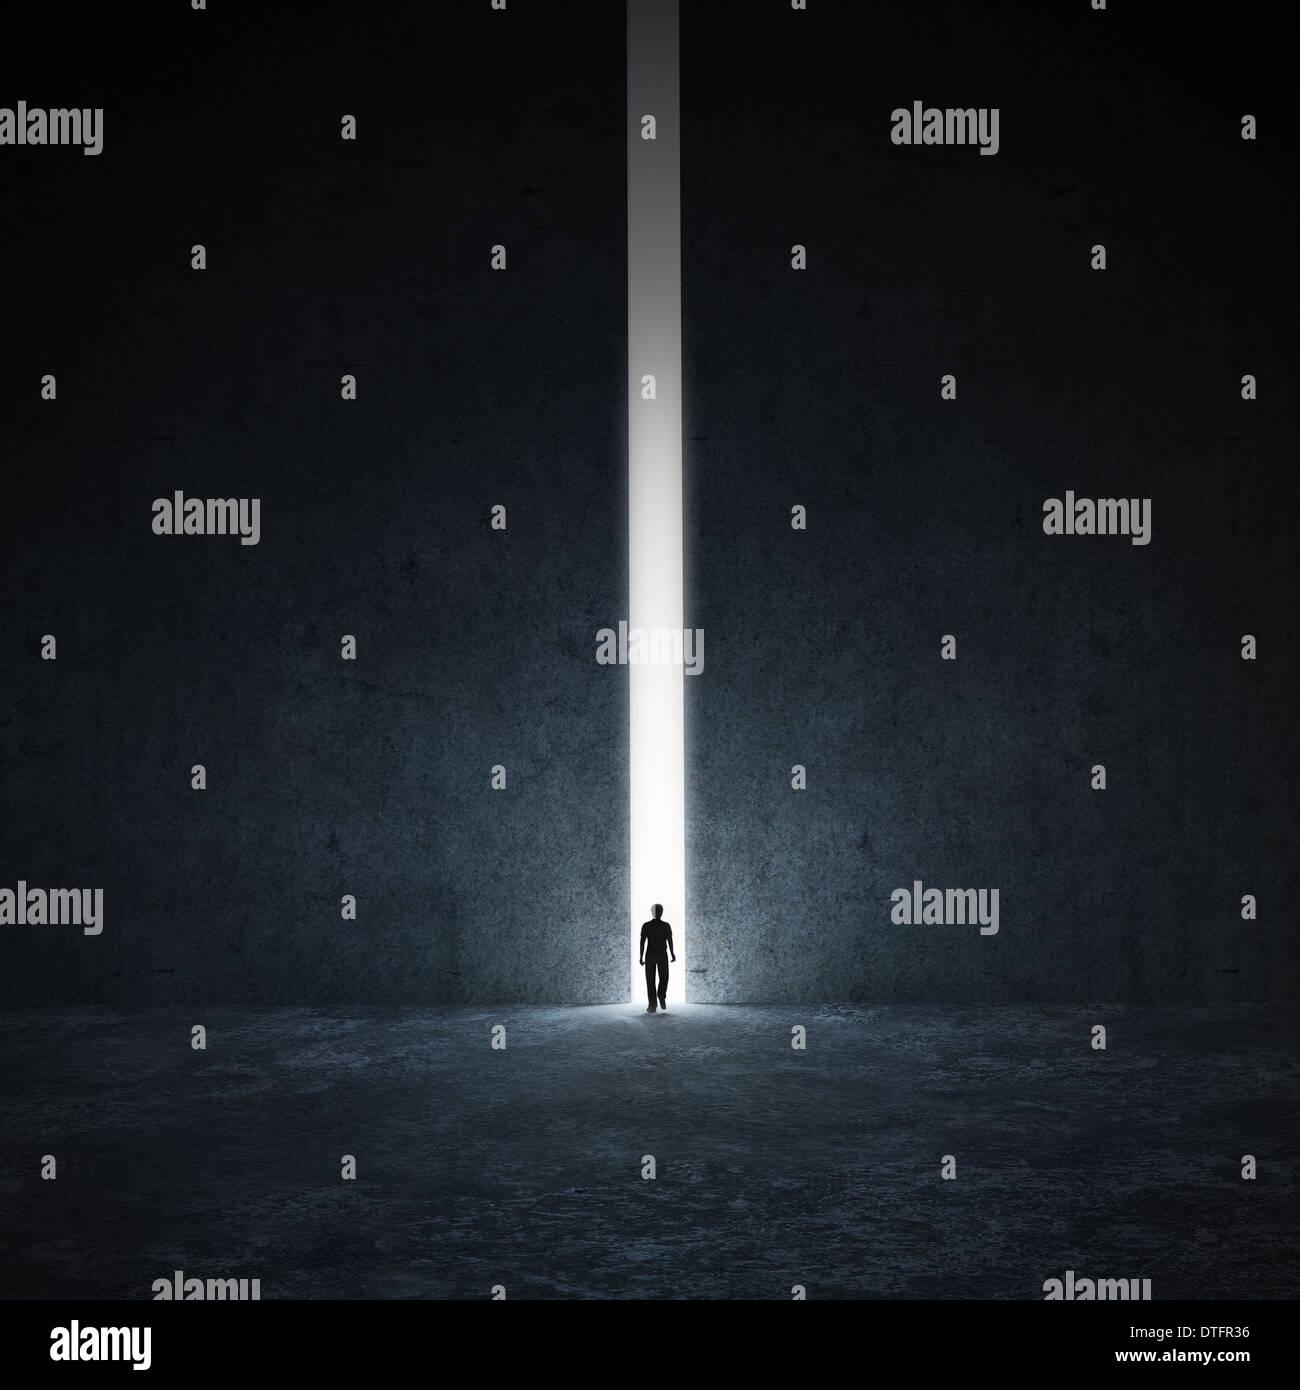 Una persona sola a piedi attraverso un passaggio stretto Immagini Stock